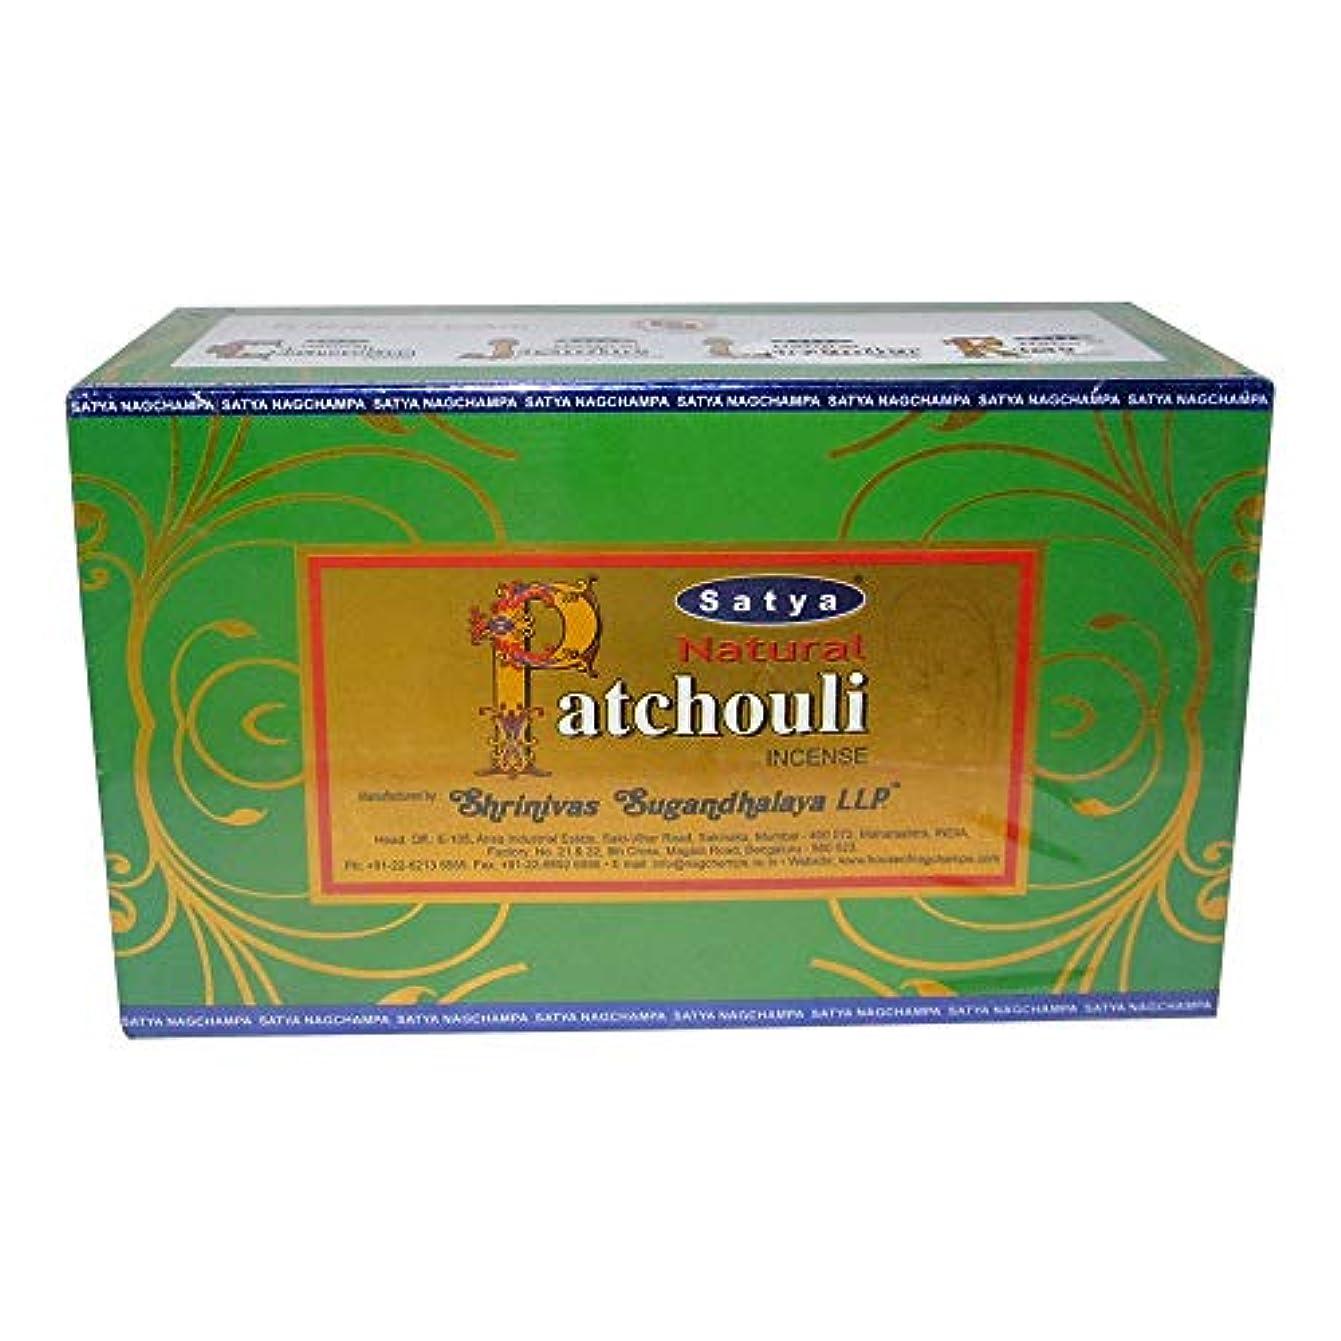 有名な布シュリンク自然Patchouli Incense Sticks – By Satya Nag Champa – パックof 15 g x 12ボックス – 180 g合計